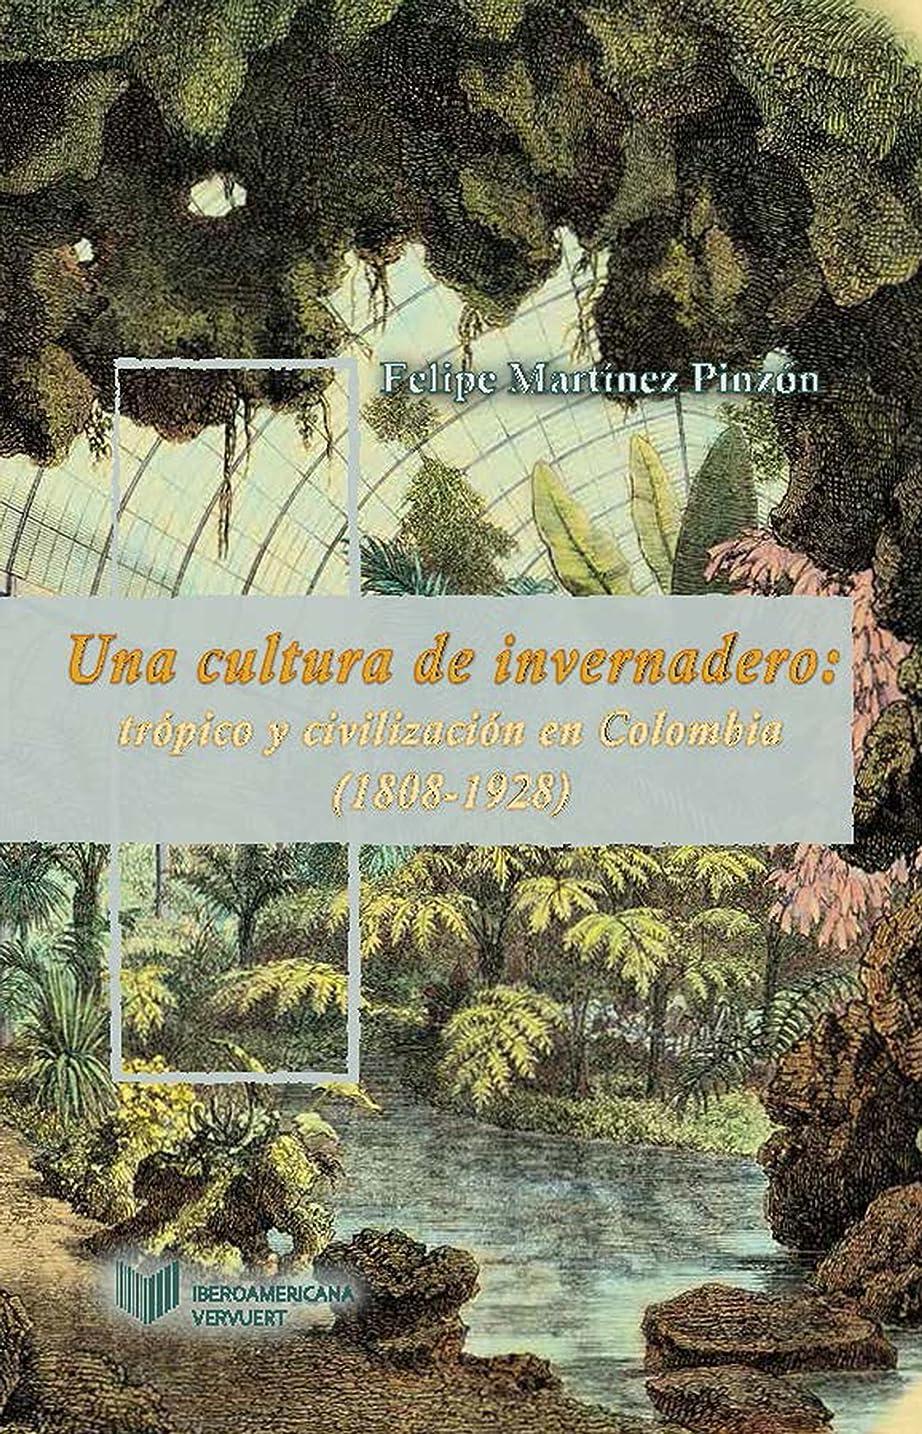 真鍮爆弾やりすぎUna cultura de invernadero: Trópico y civilización en Colombia (1808-1928) (Juego de dados. Latinoamérica y su cultura en el XIX no 6) (Spanish Edition)